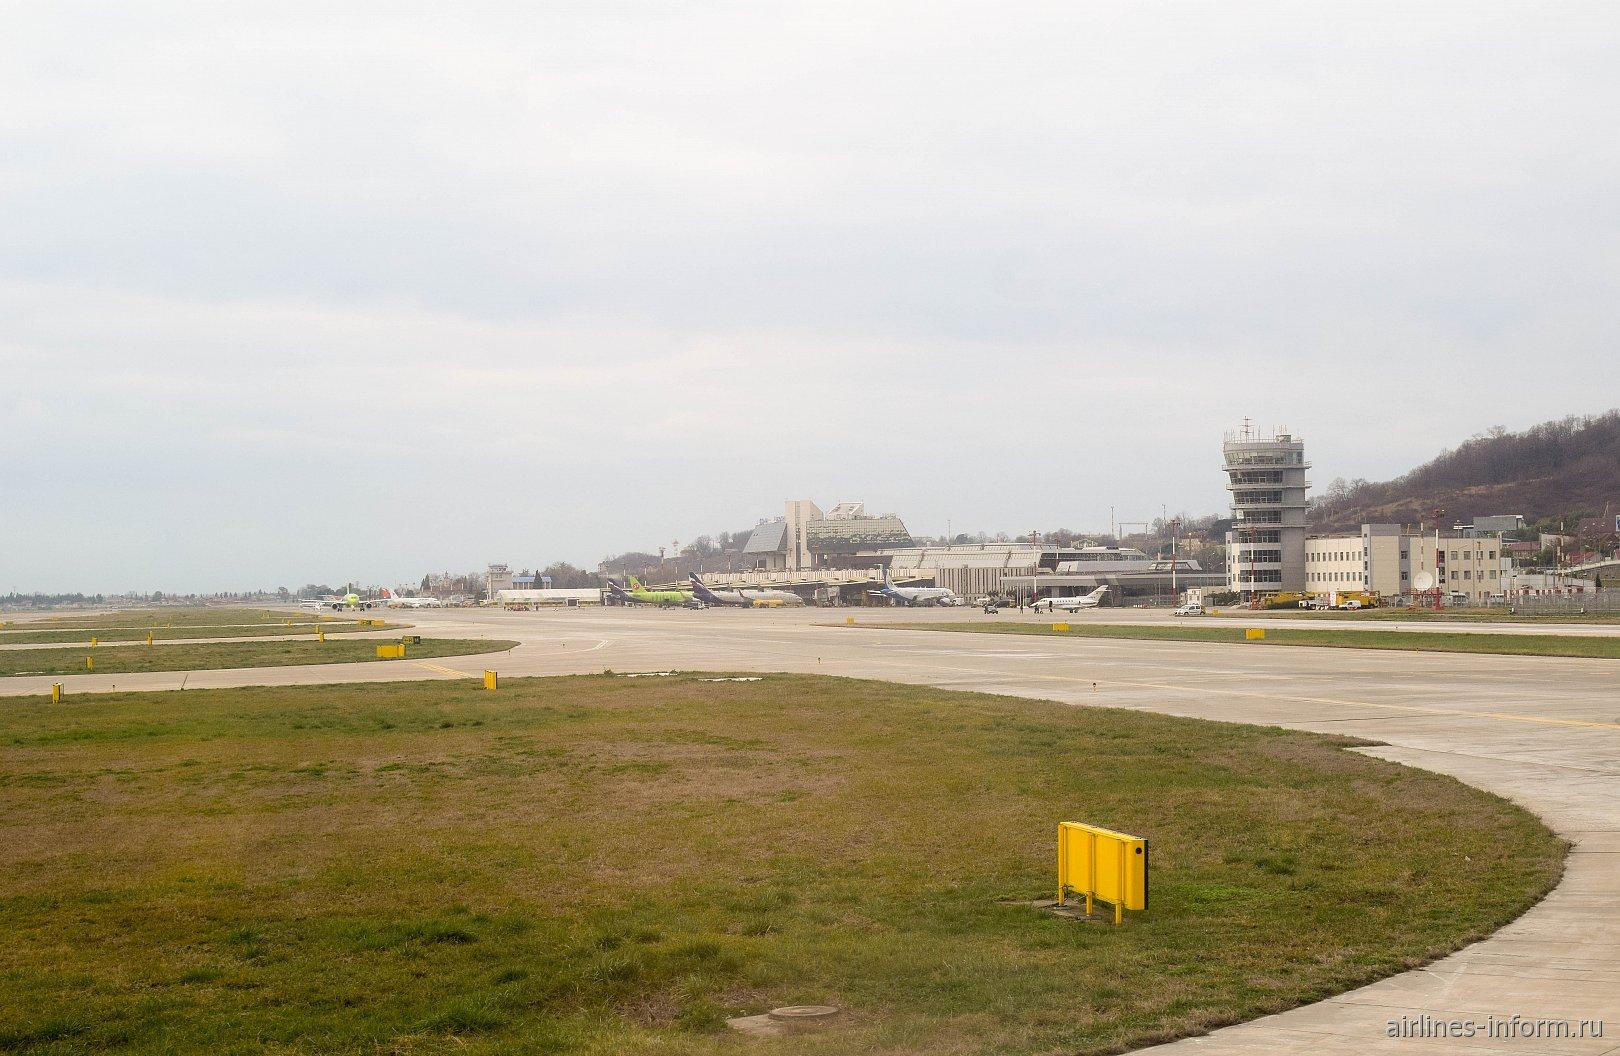 Летное поле аэропорта Сочи